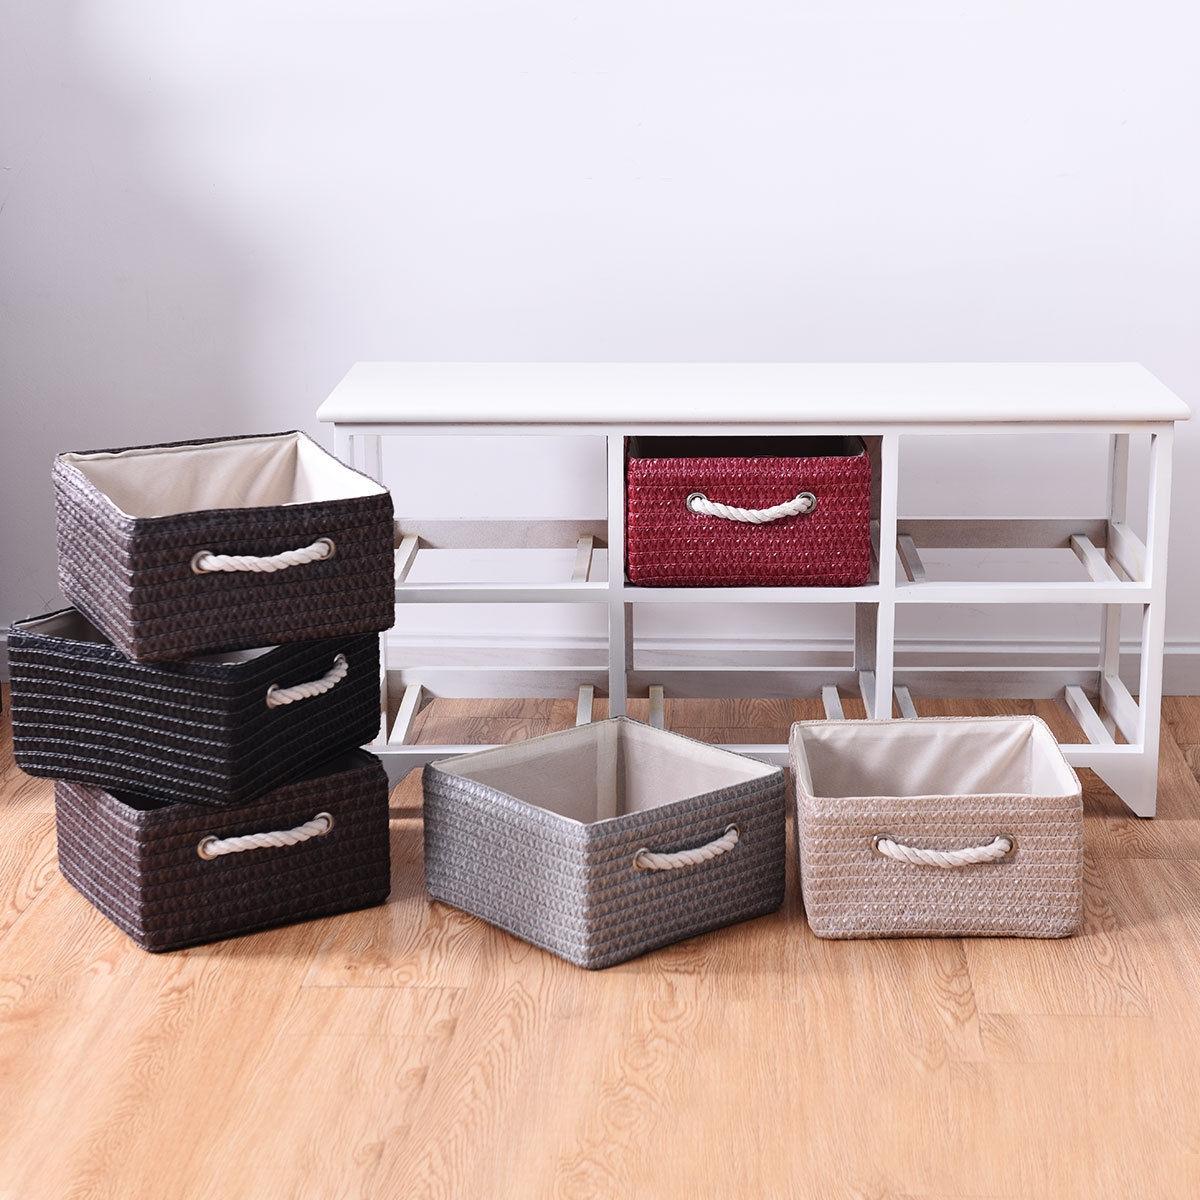 Wooden Basket Storage Chest with 6 Drawer Baskets